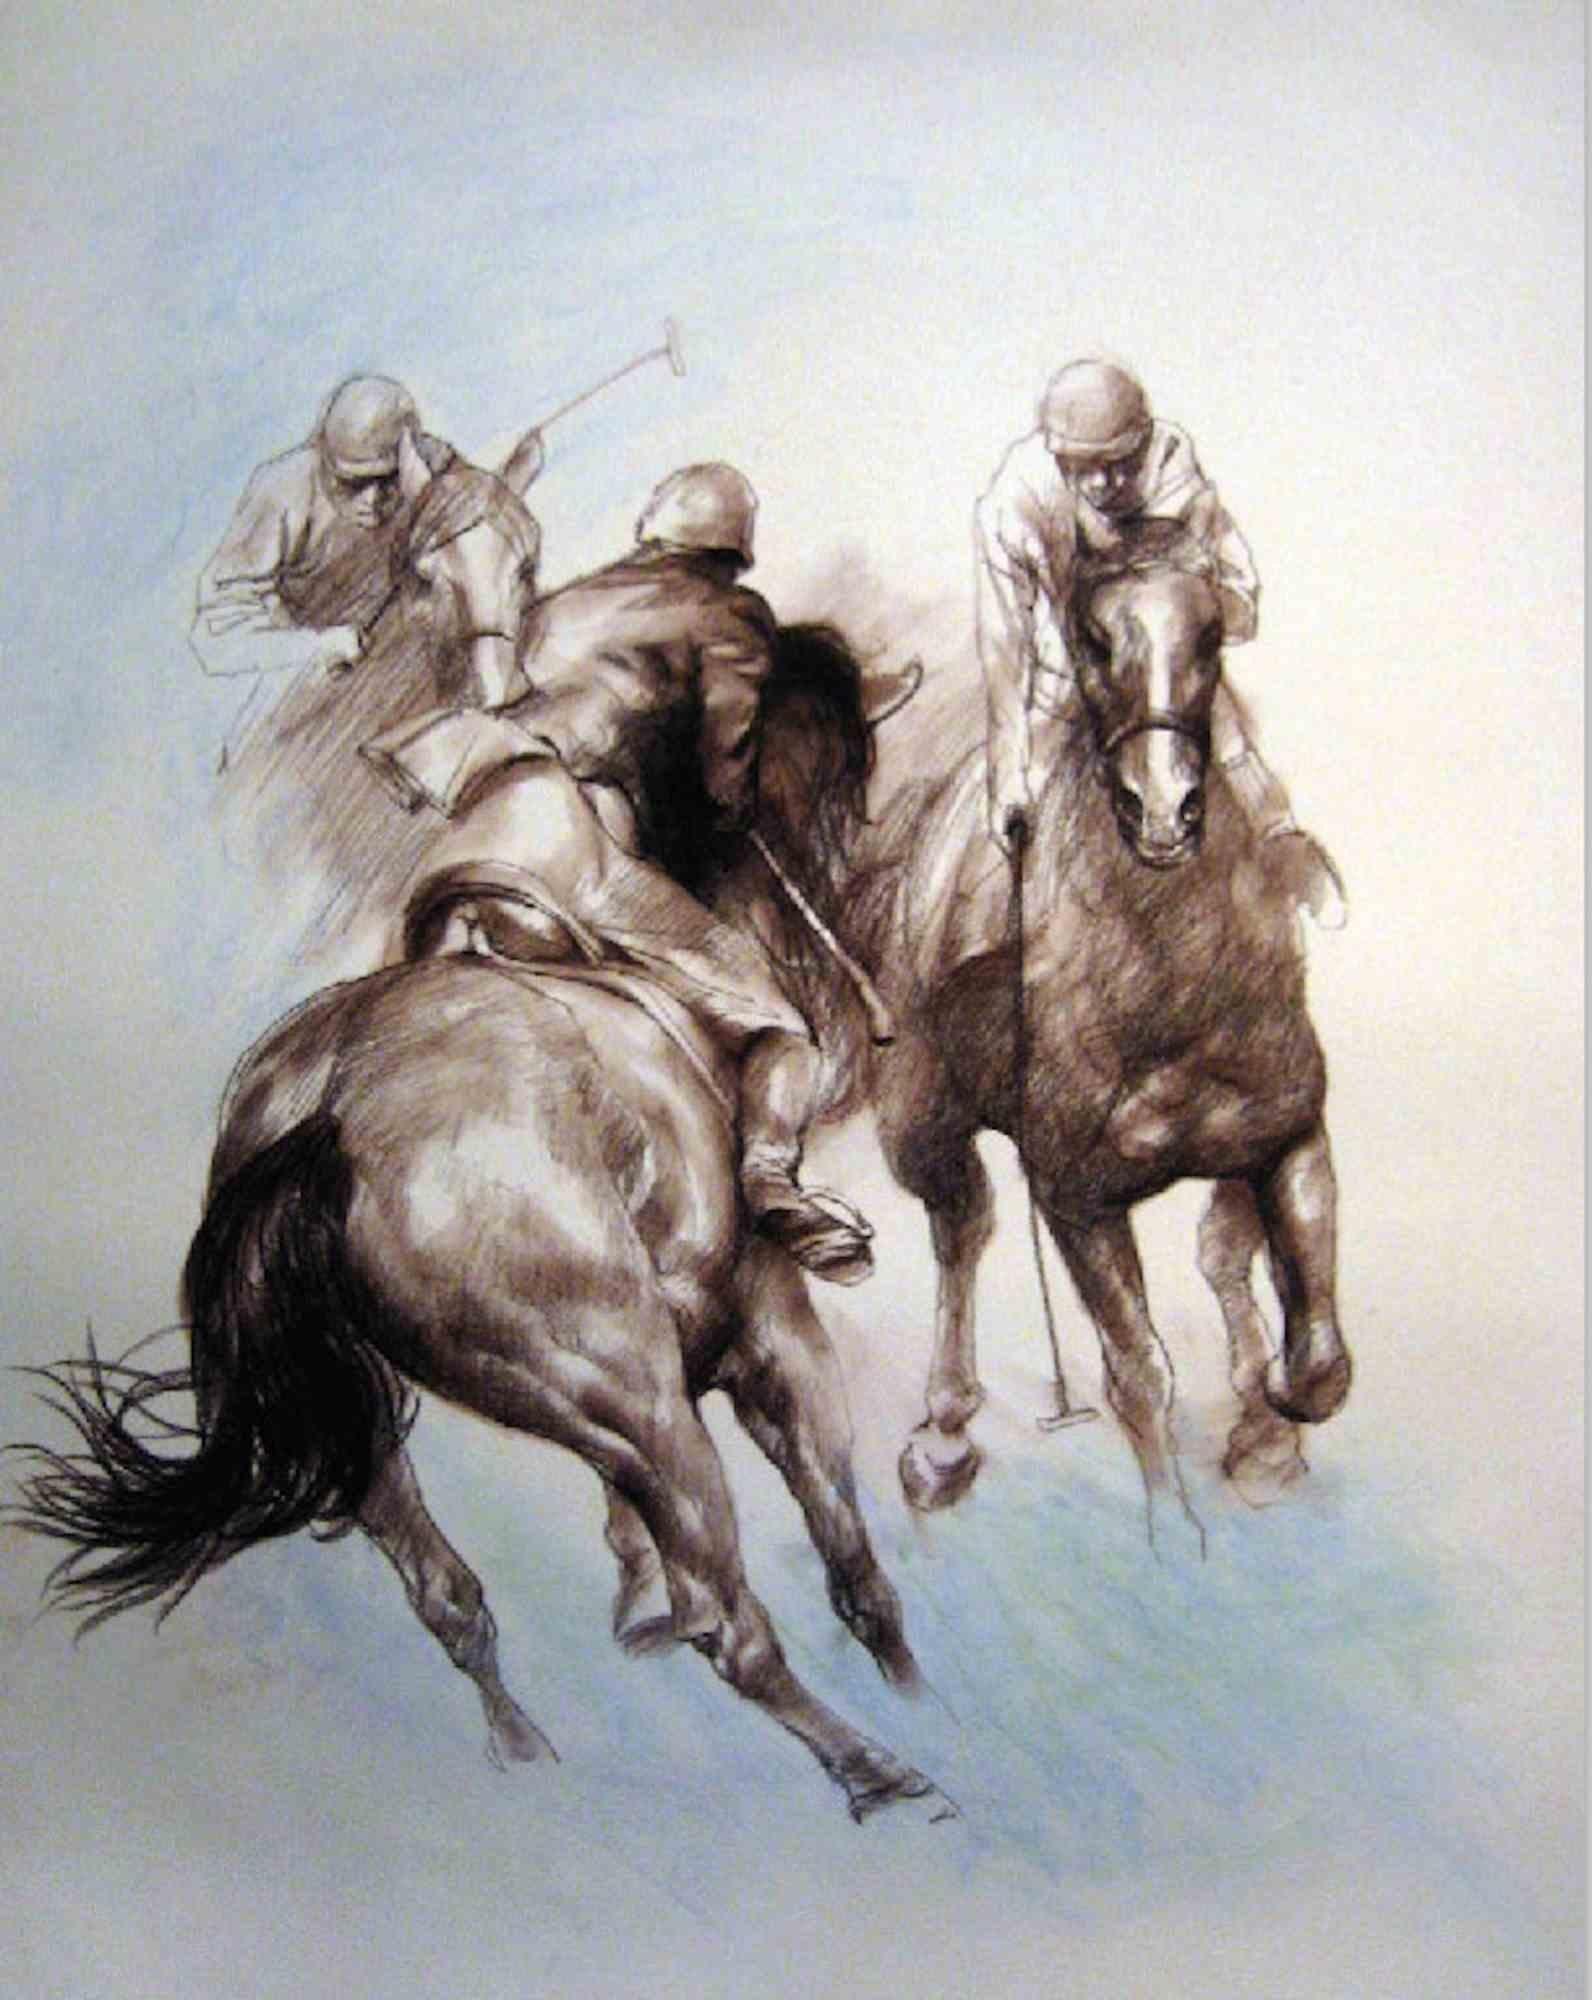 Equestrian - Original Lithograph by Zho Zhiwei - 2008